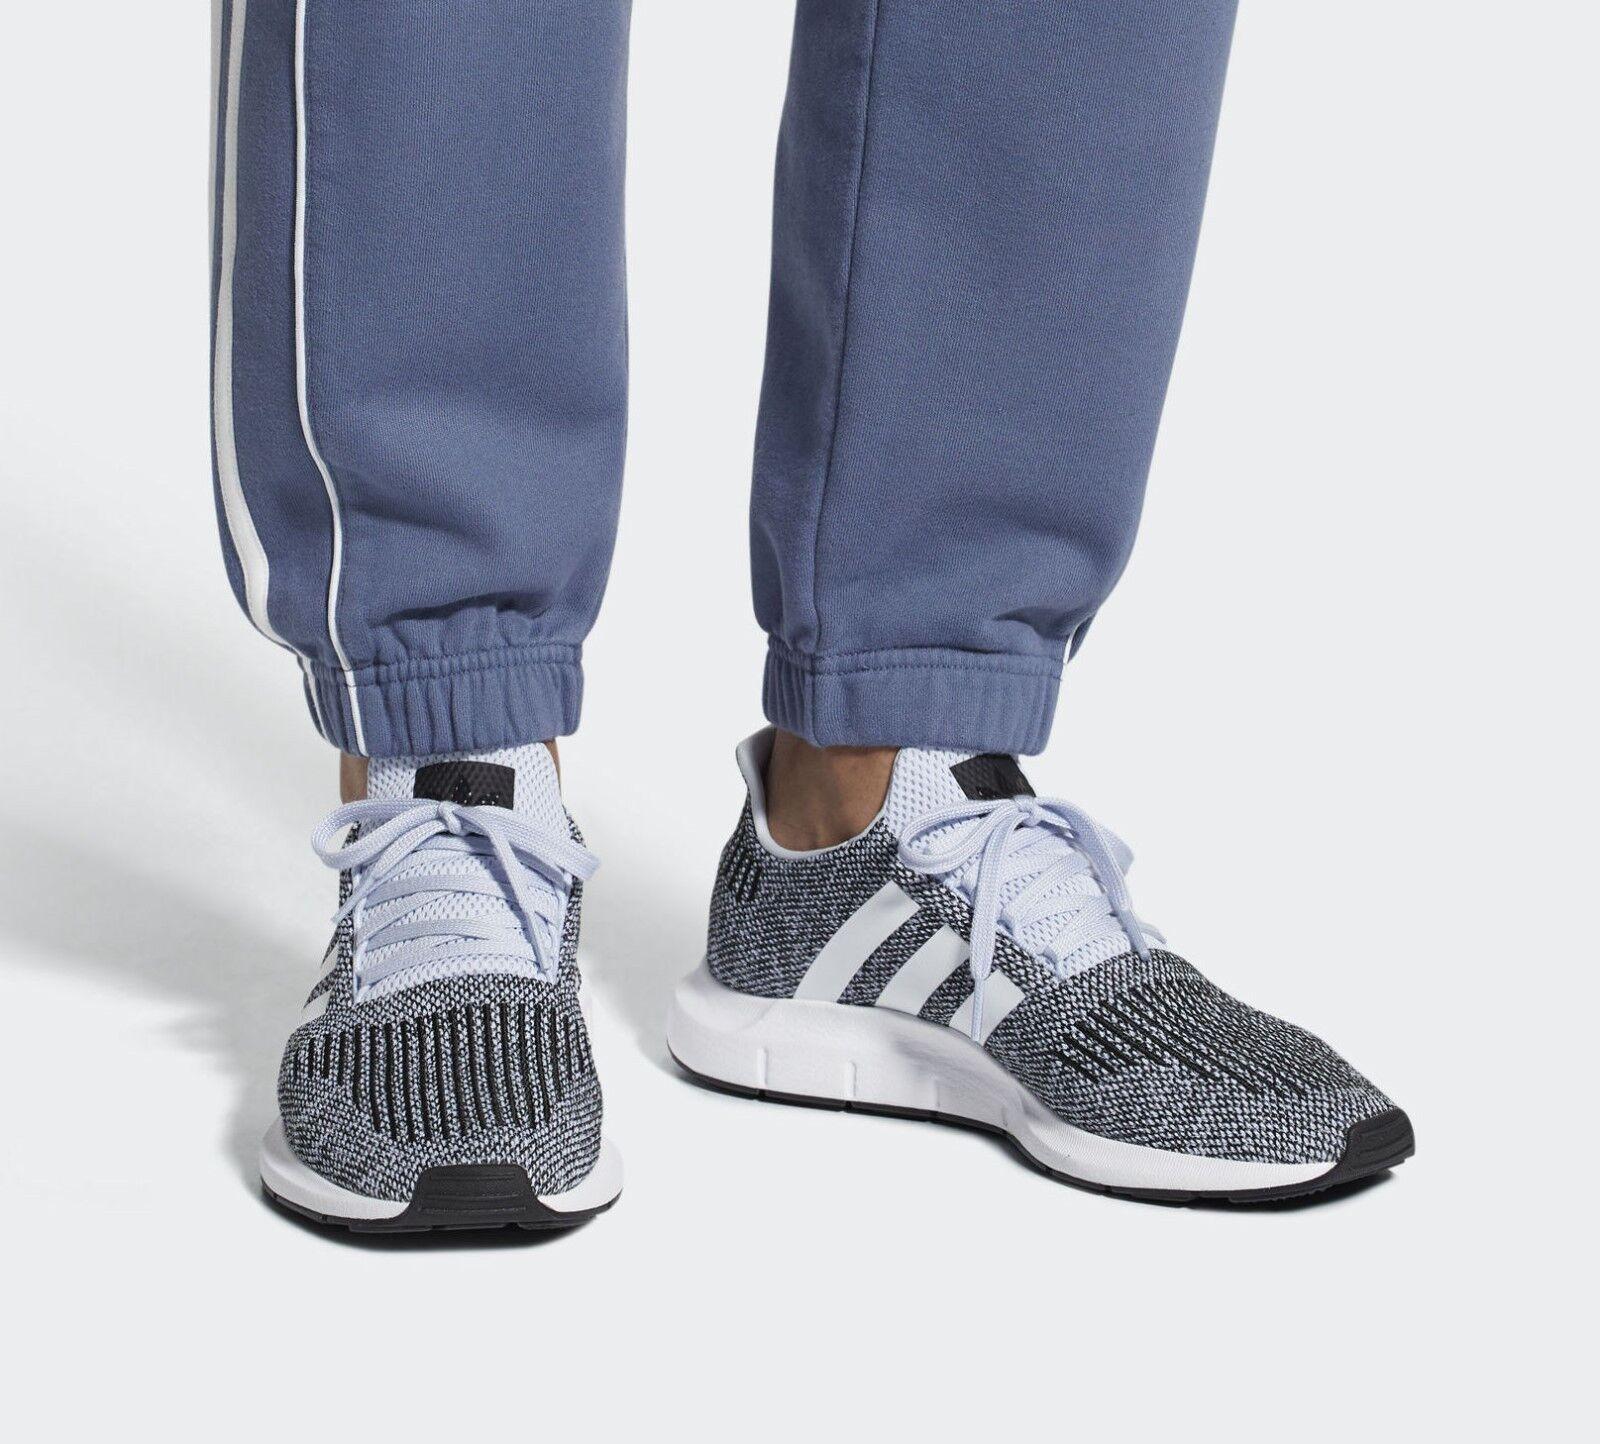 adidas Schuh Originals Swift Run Schuh CQ2122 Grau Weiss Turnschuh NMD NEU SALE